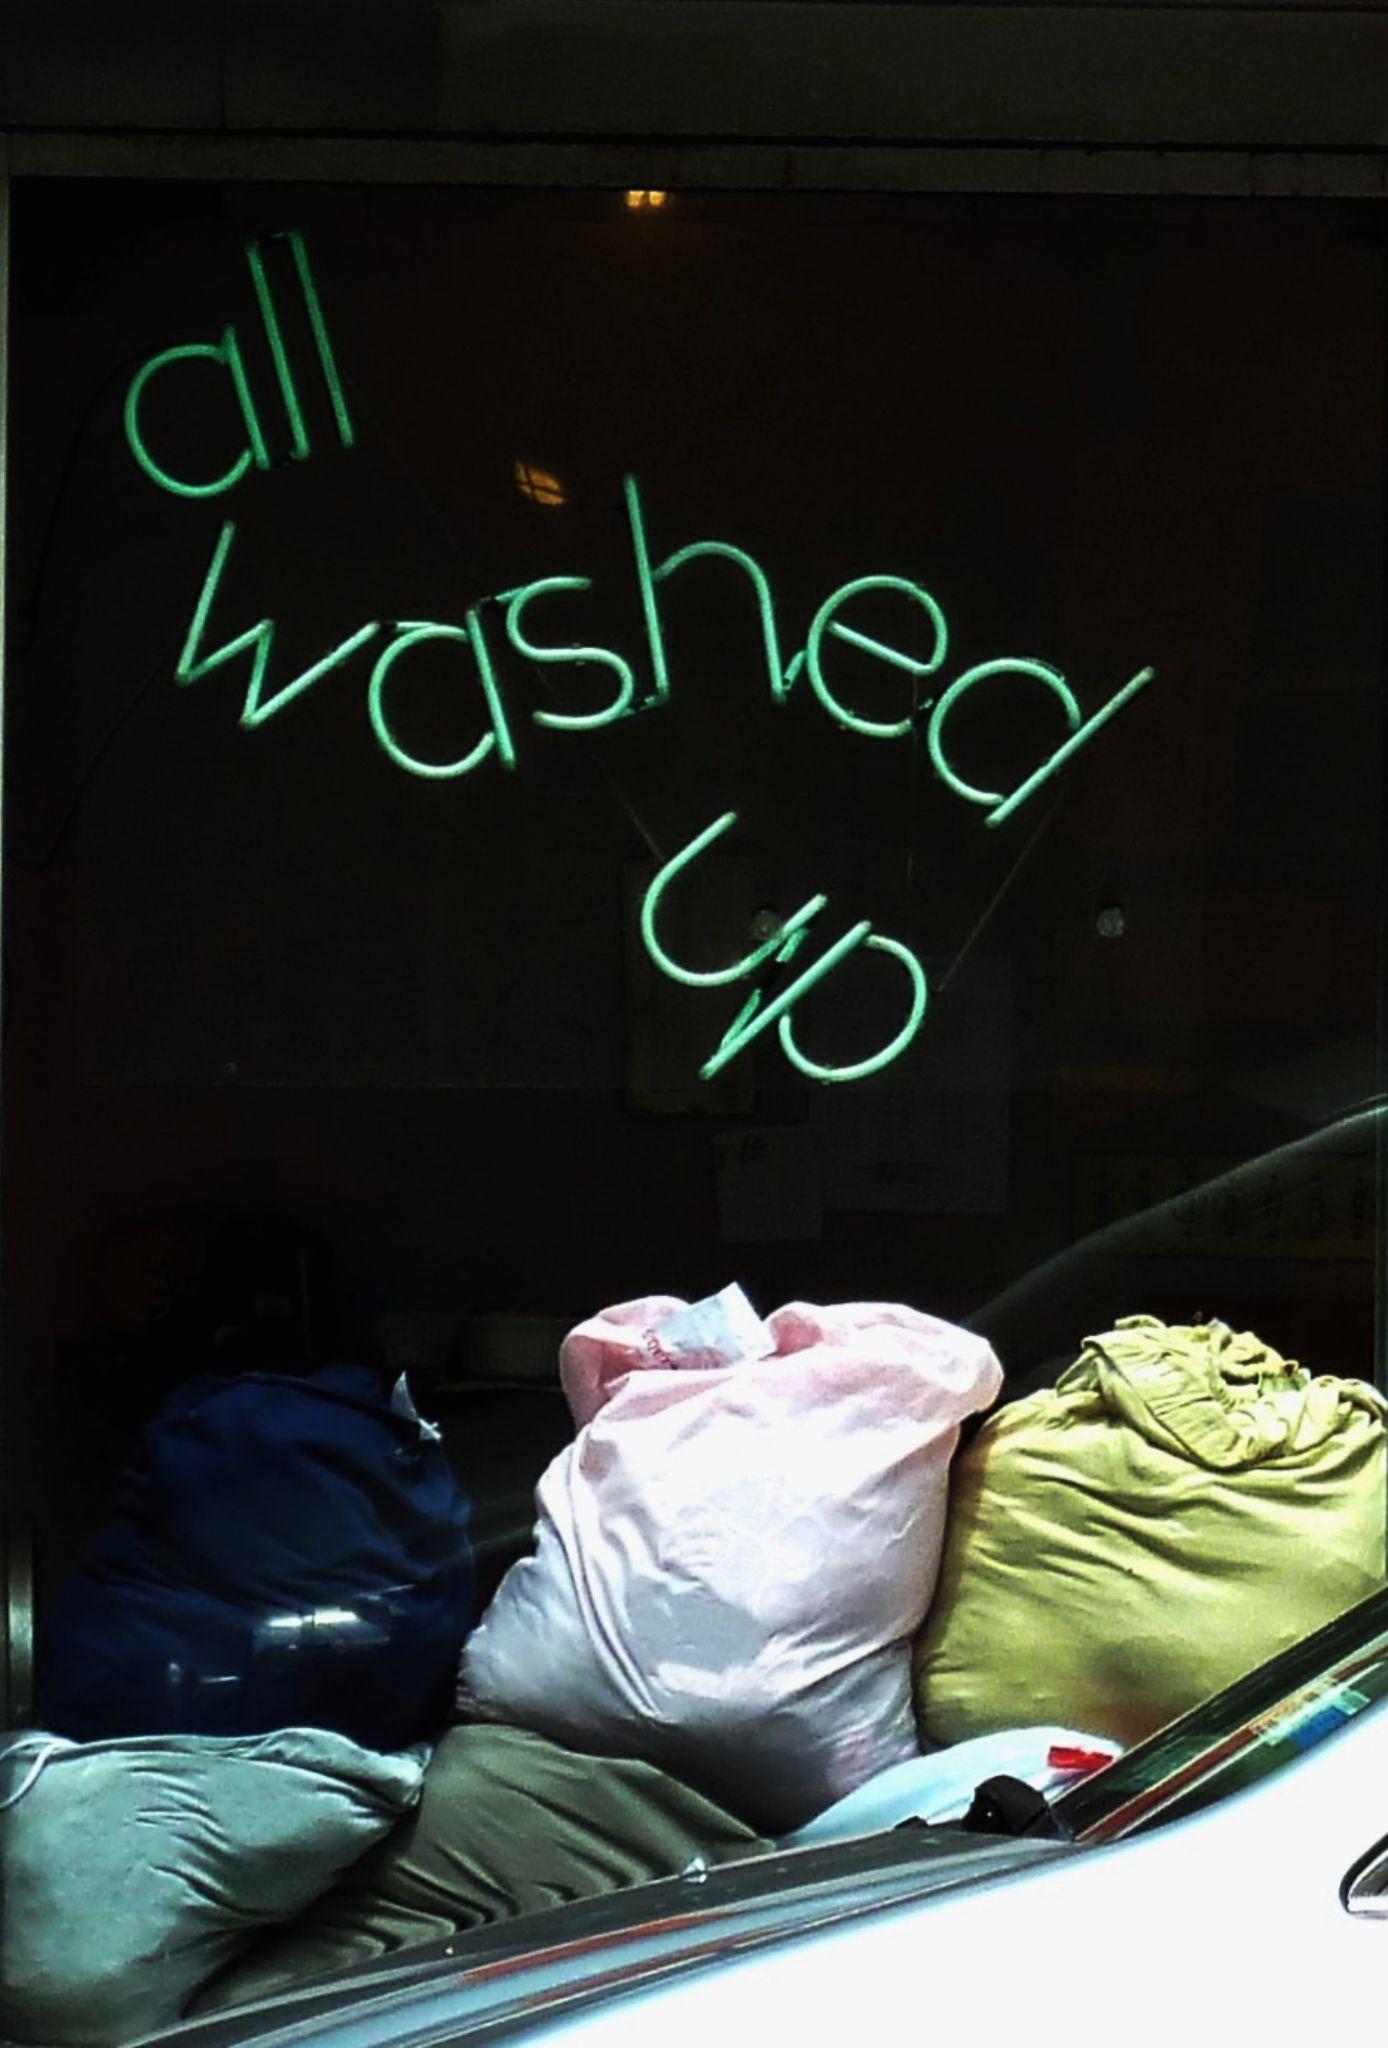 Laundromat window, NYC by Anton Agalbato